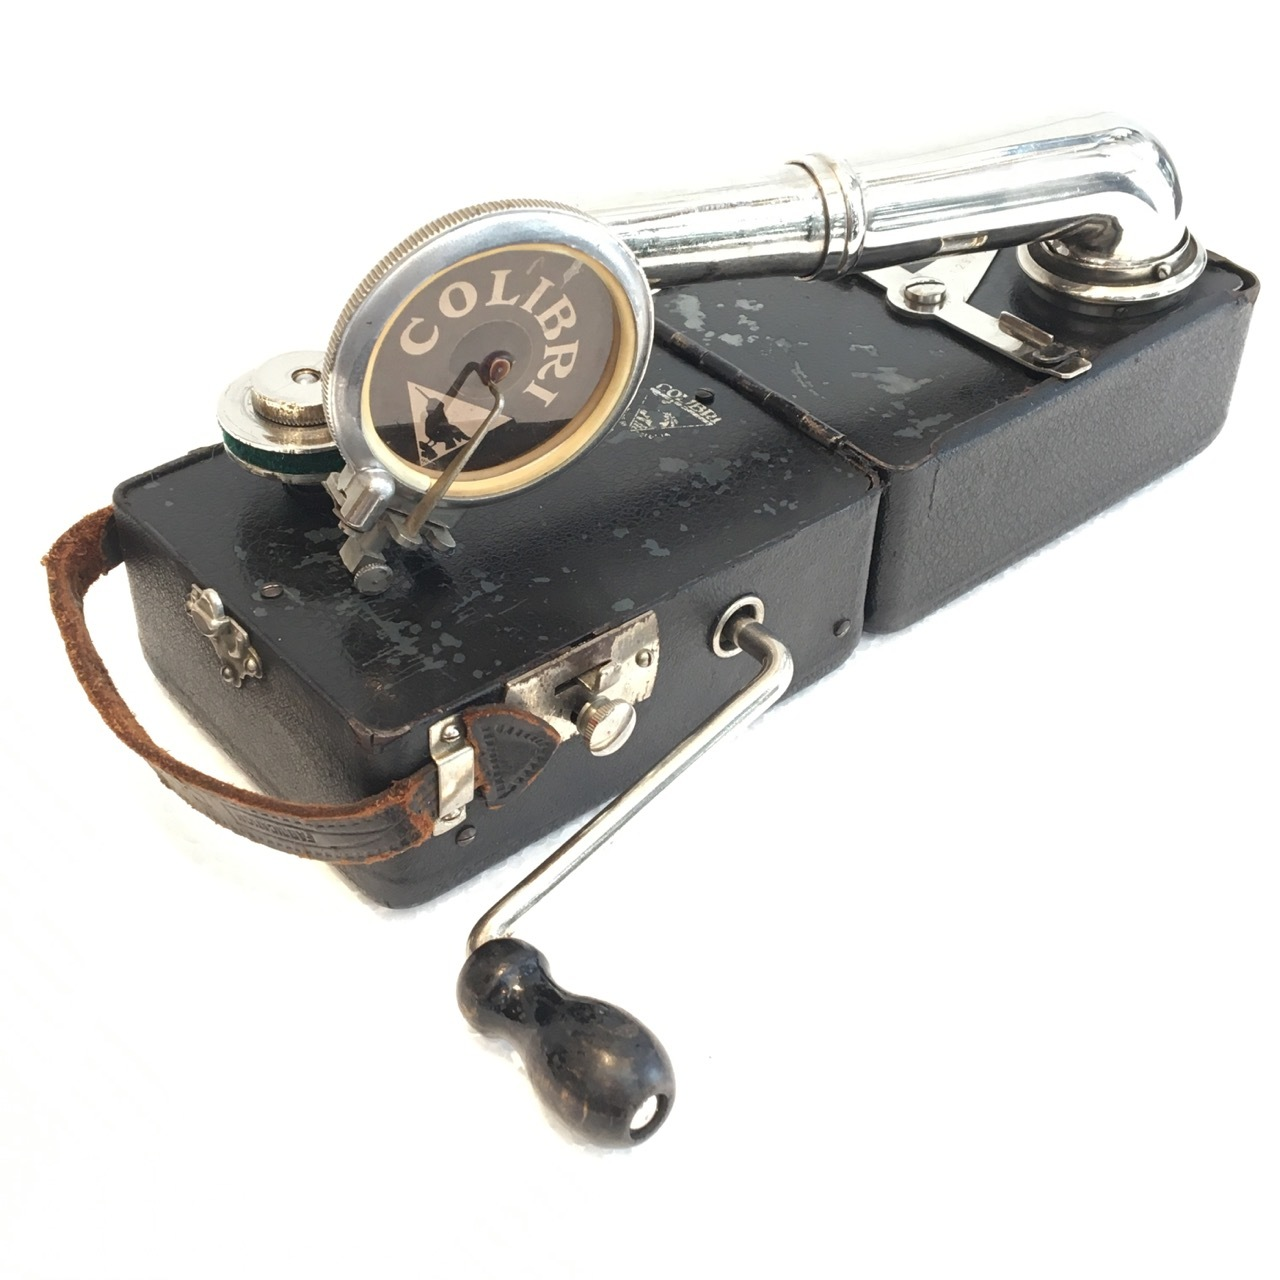 ベルギーの豆蓄音機「コリブリ」_a0047010_11554869.jpg